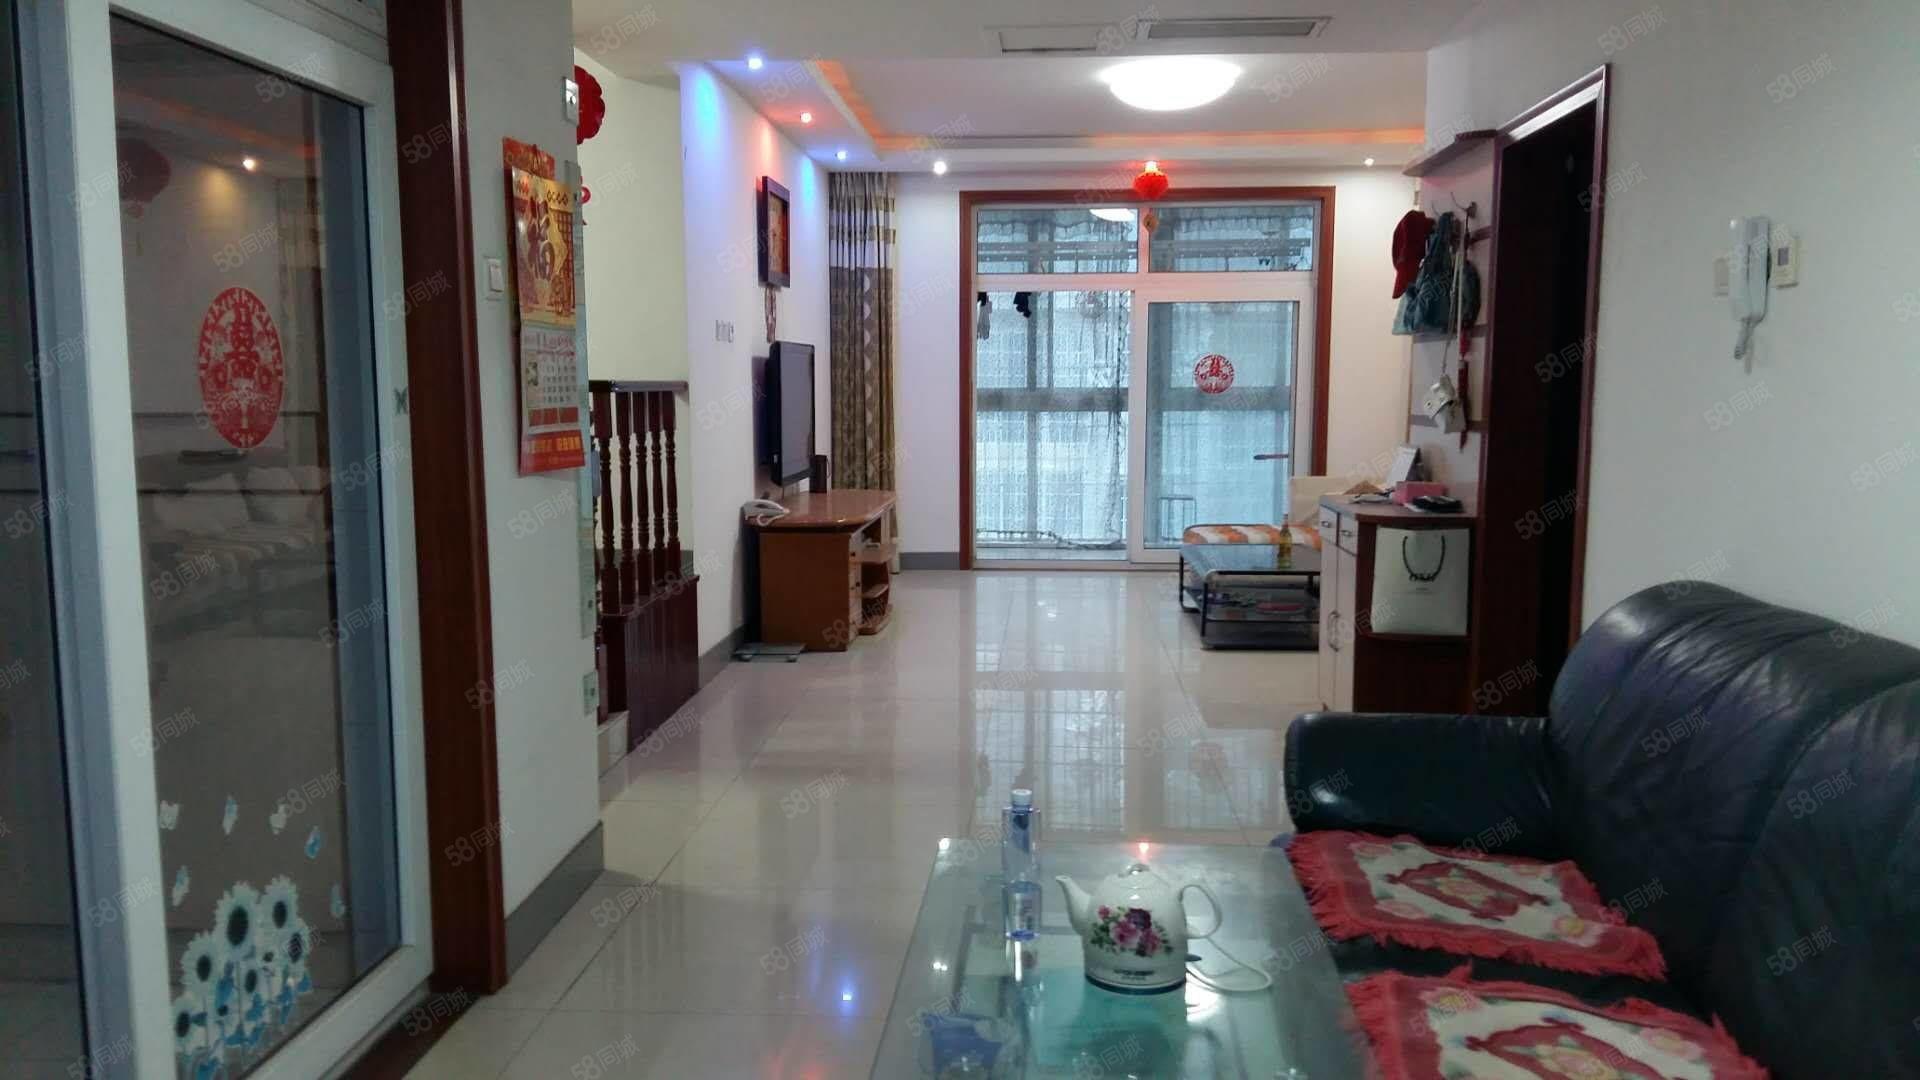 福祥丽景小区五楼143平,精装修,领包入住年租2万